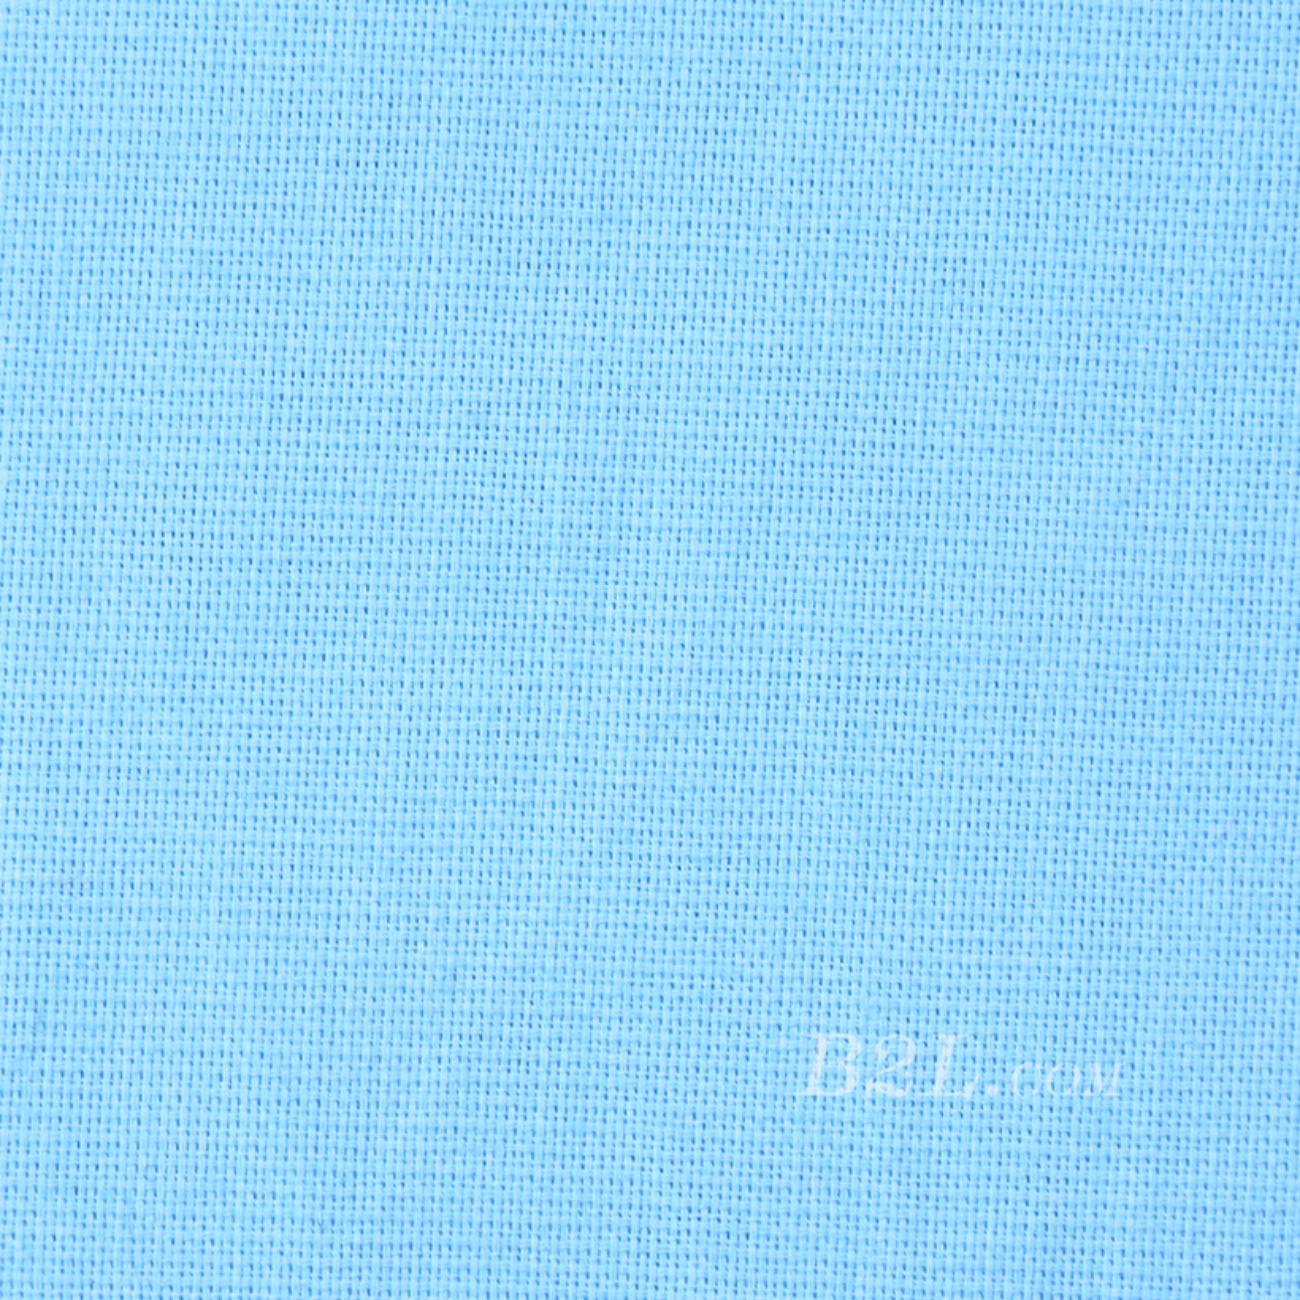 素色 梭织 染色 无弹 连衣裙 衬衫 柔软 细腻 女装 春夏 71116-36